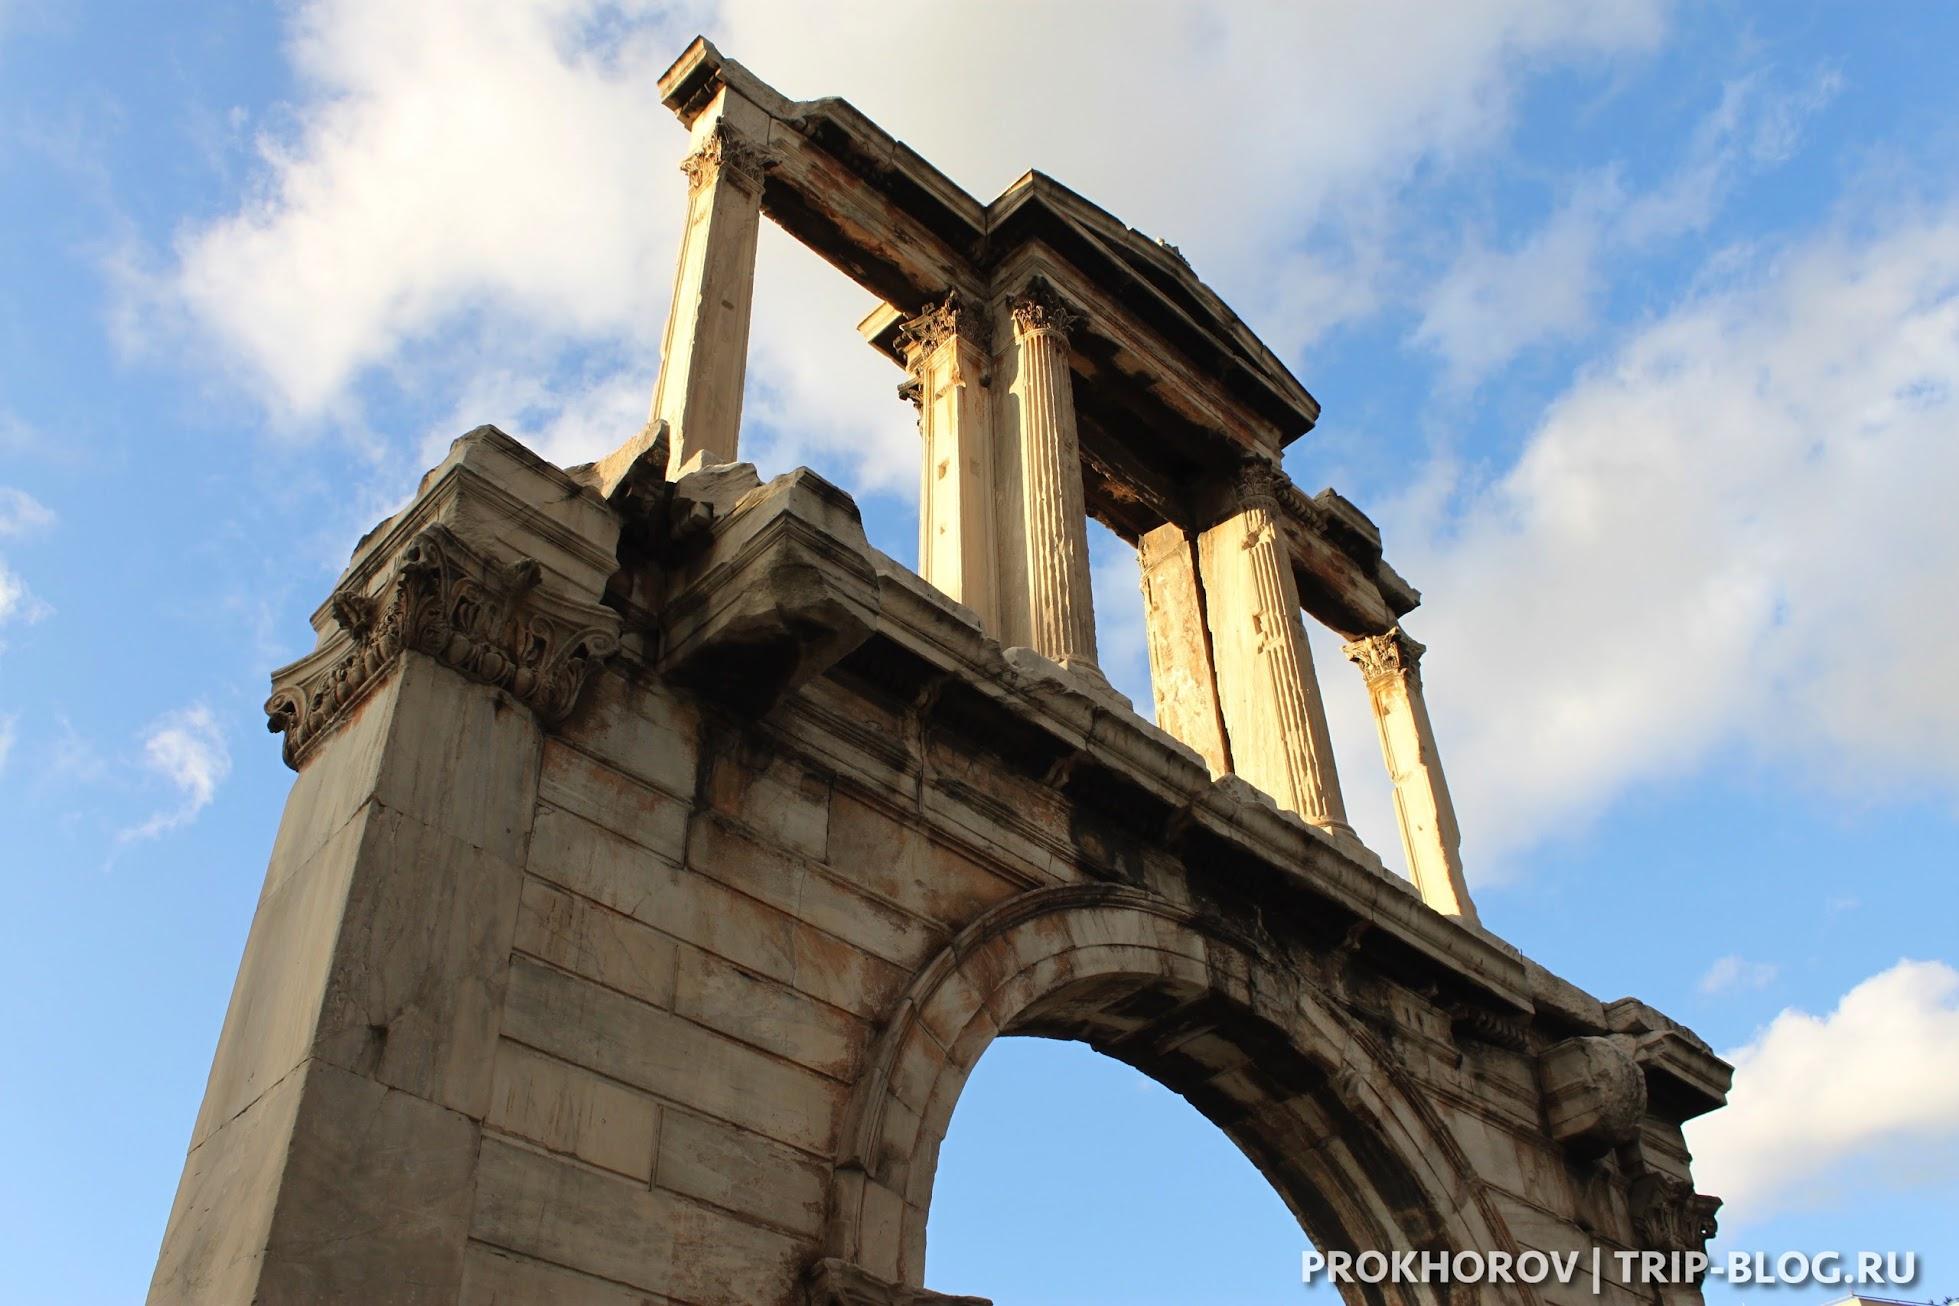 obzornaya-ekskursiya-po-afinam-s-poseshheniem-akropolya